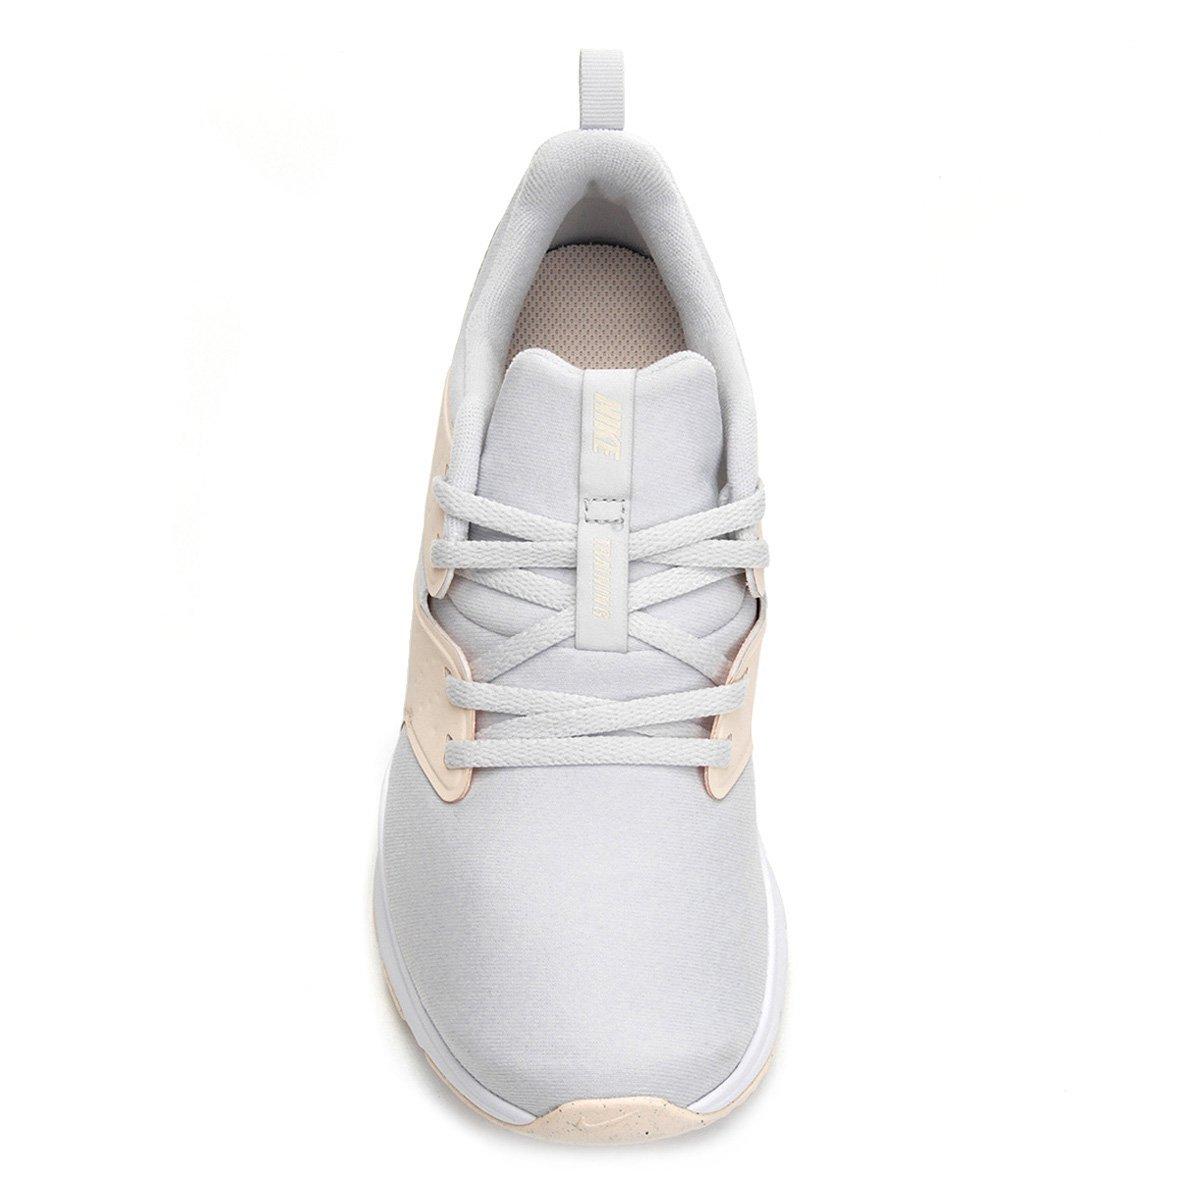 57d80037b3 ... Tênis Nike Air Bella Tr Feminino - Prata e Branco - Compre Agora .